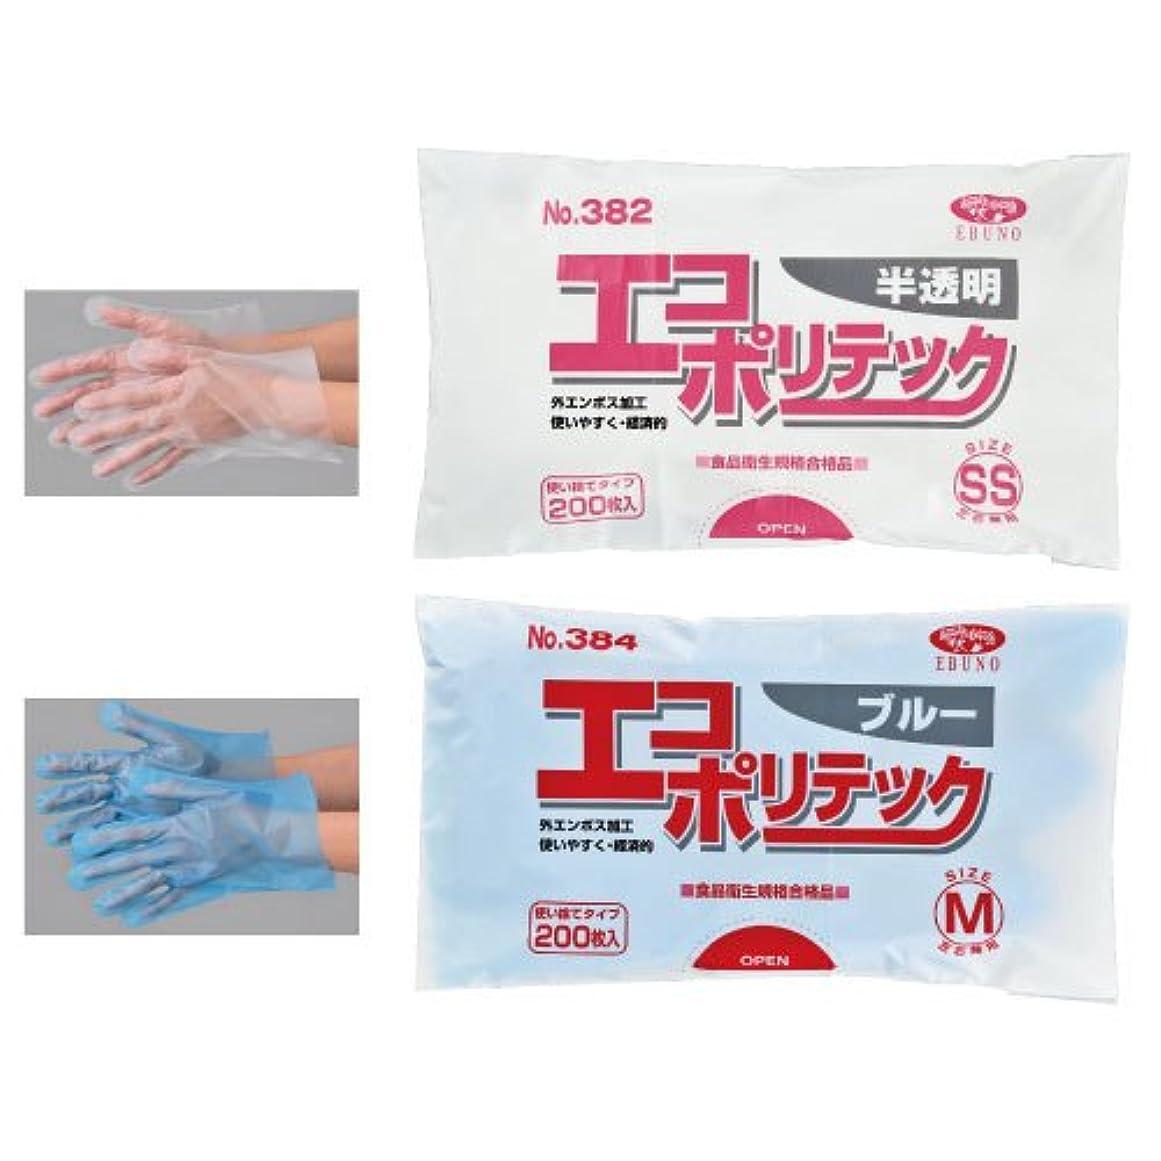 アプローチ惨めな達成するエブノ ポリエチレン手袋 No.382 L 半透明 (200枚×30袋) エコポリテック 袋入